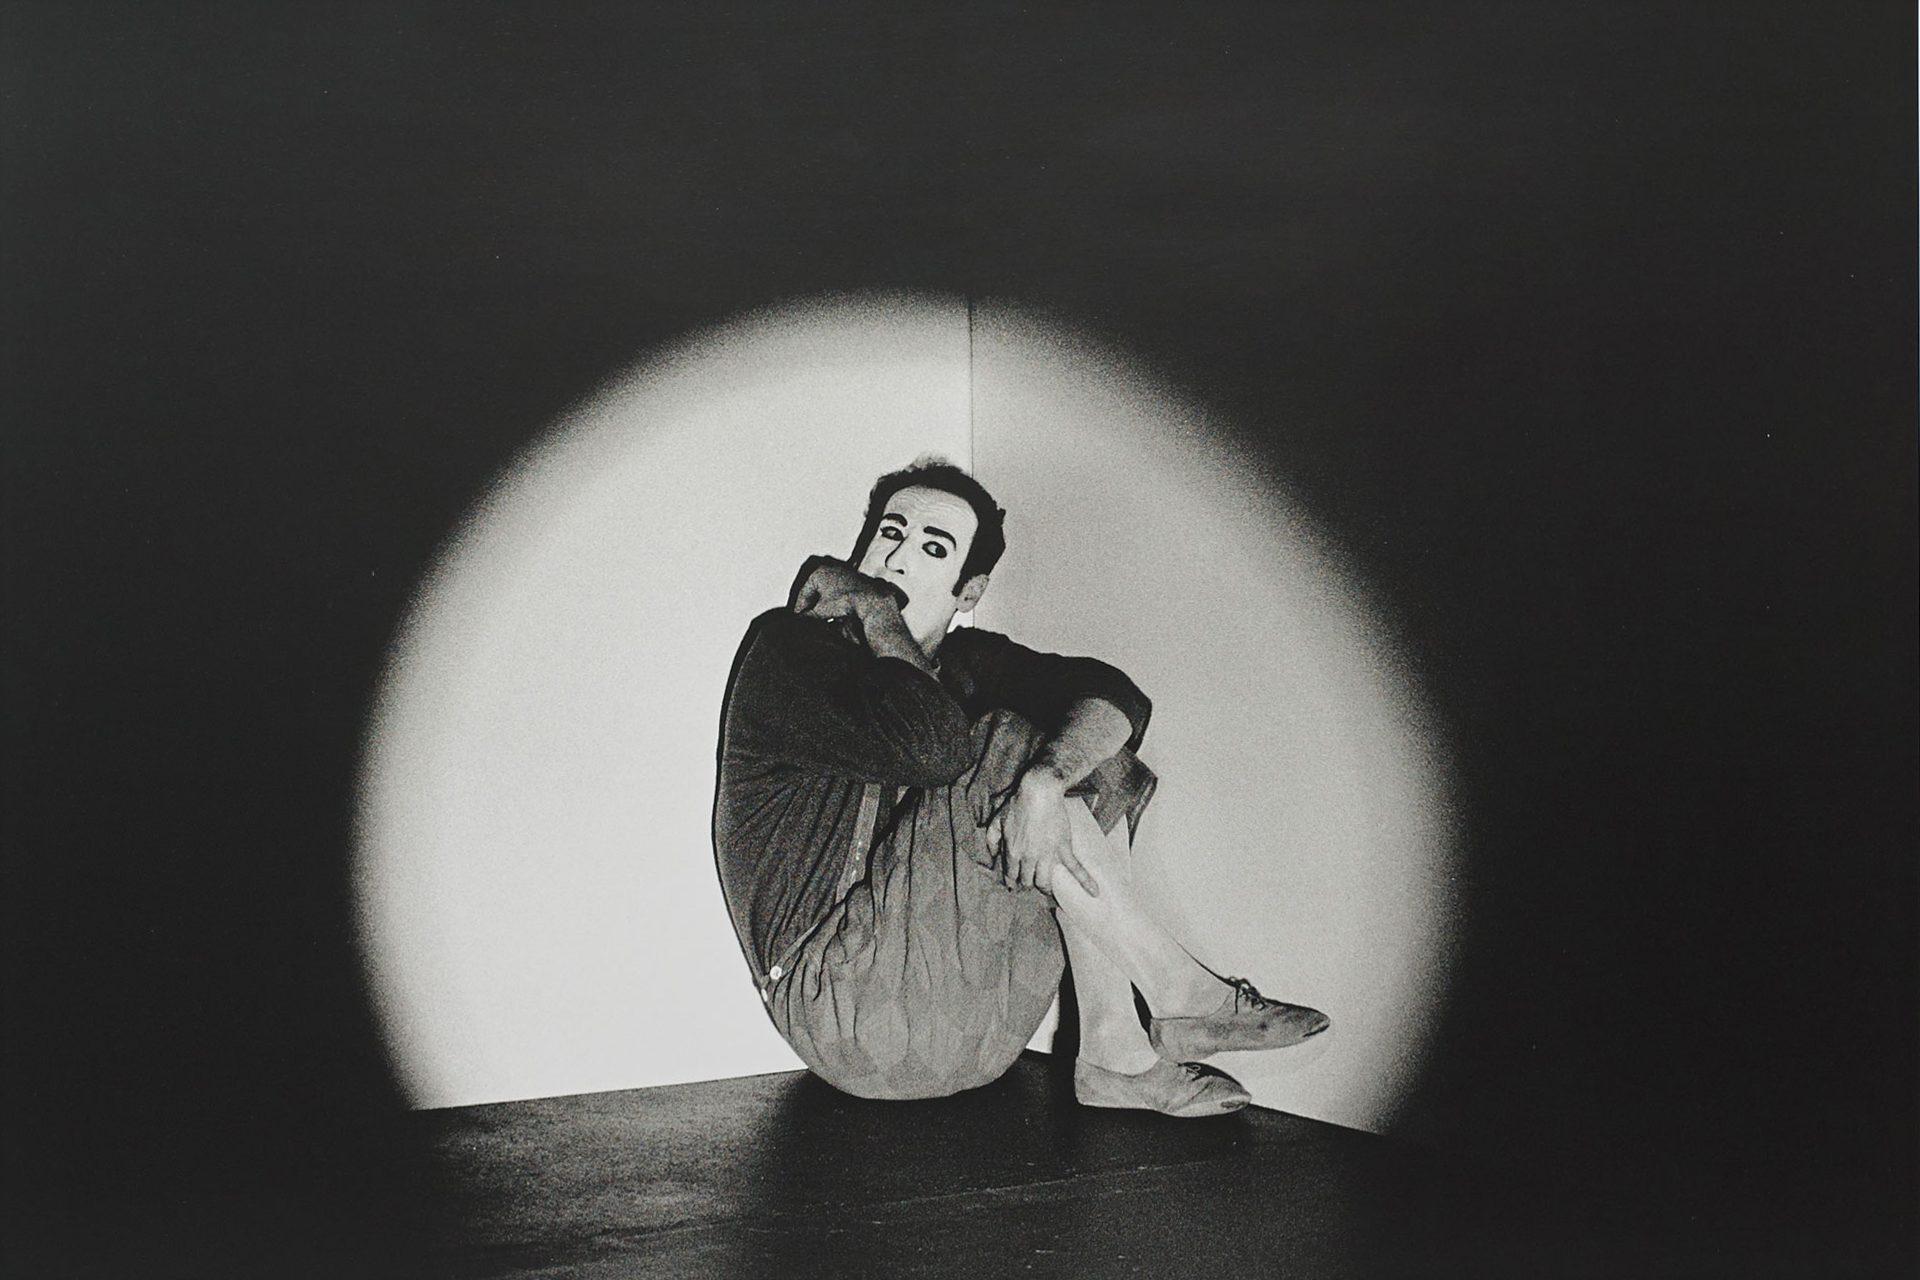 Ein Mann sitzt in einem Lichtkegel in einer Ecke. Er wirkt verängstigt und einsam.